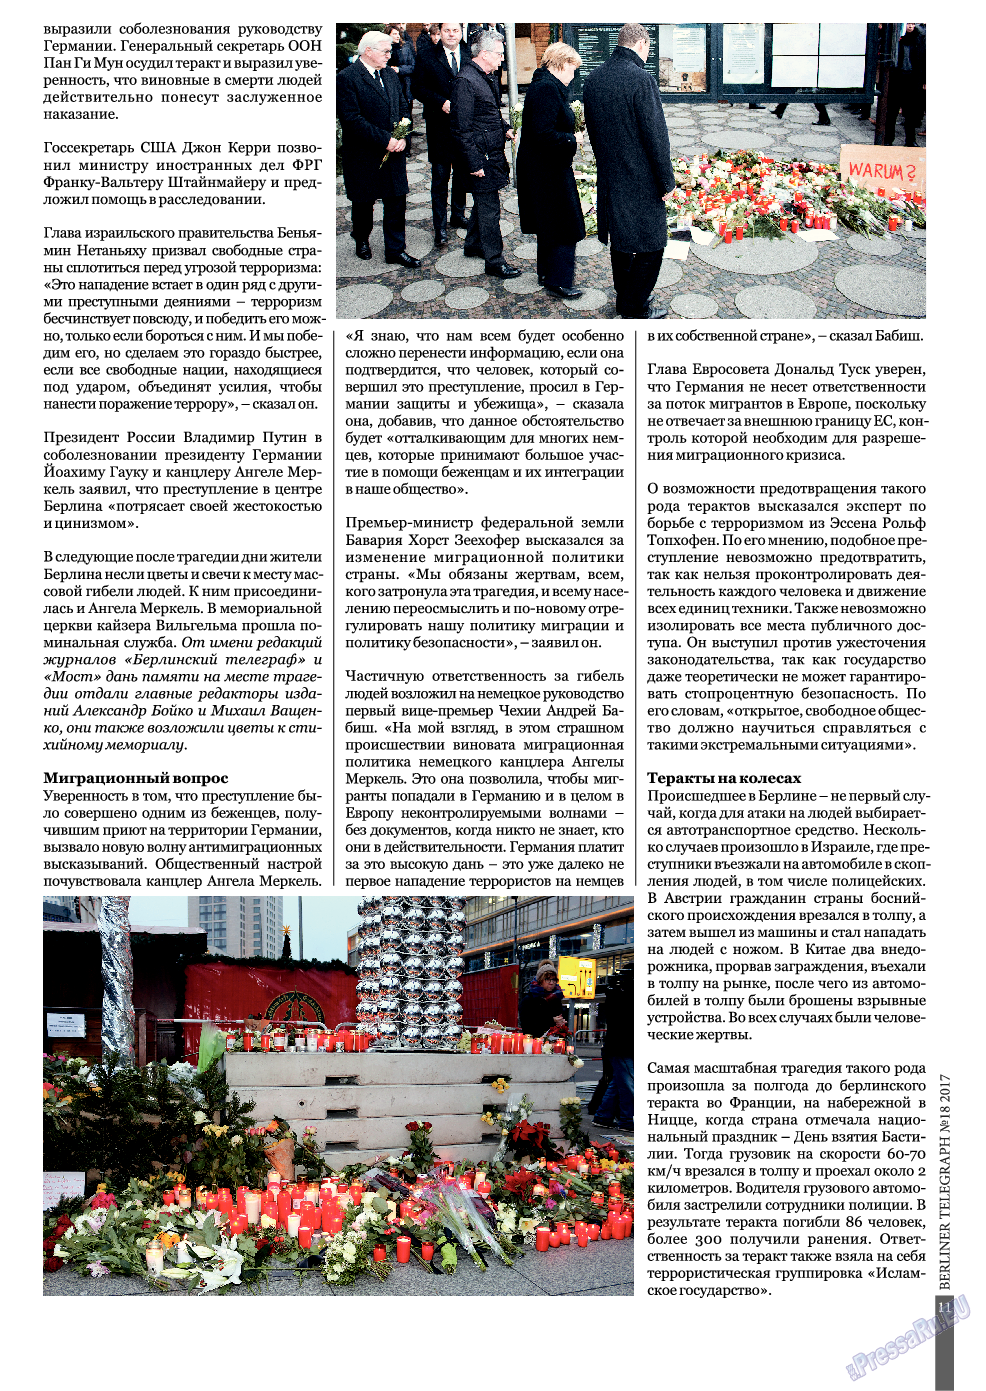 Берлинский телеграф (журнал). 2017 год, номер 18, стр. 11